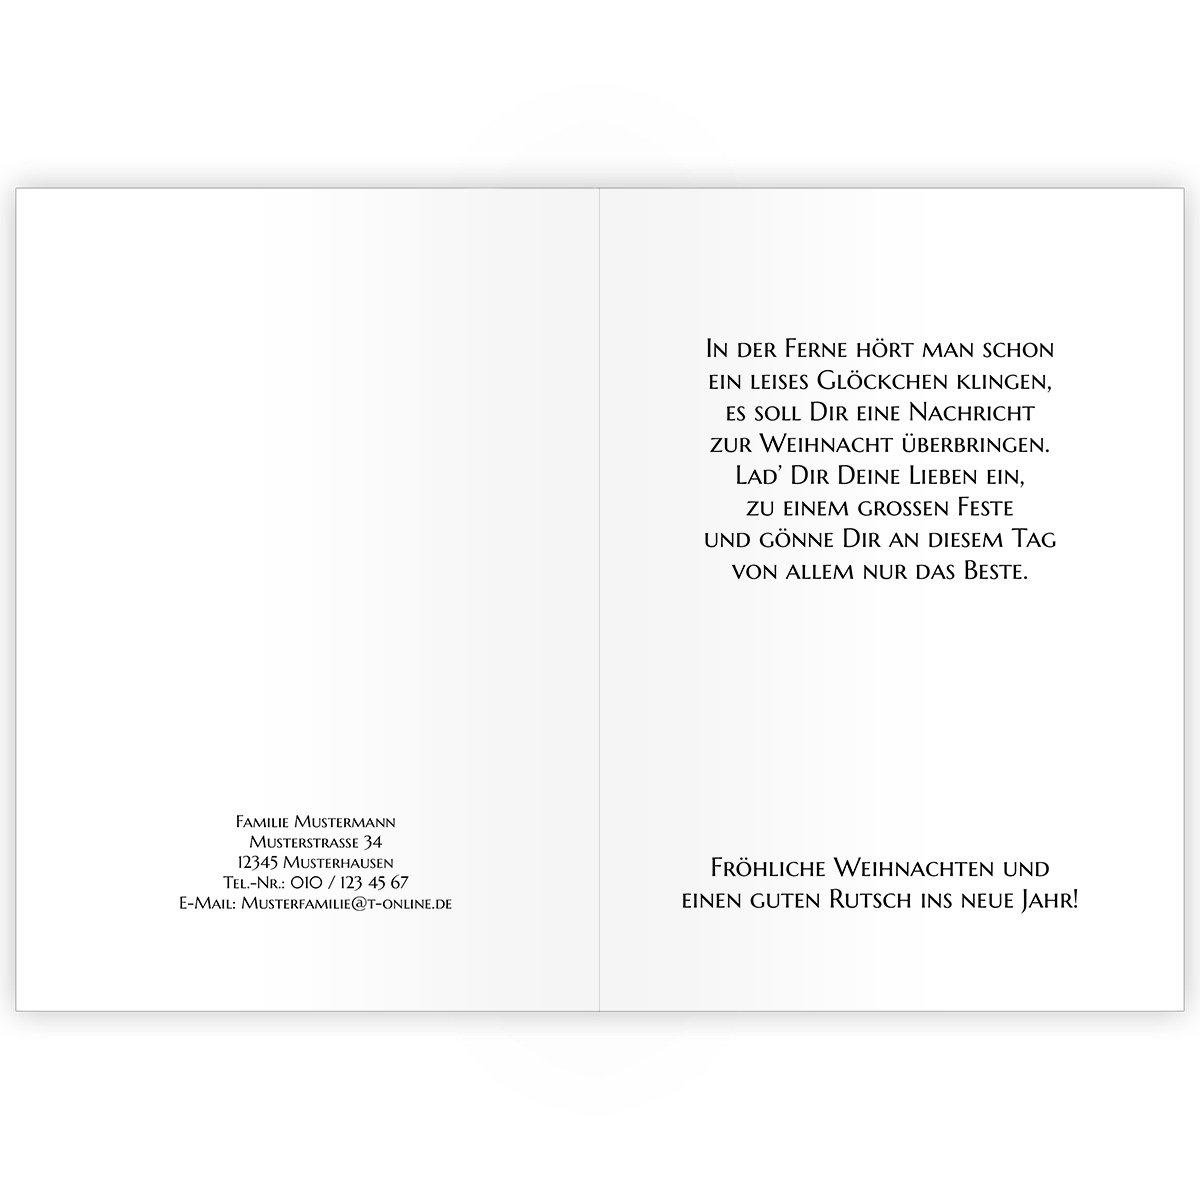 20er 20er 20er Set Niedliche Unternehmen Weihnachtskarten mit Engel in Medaillon, mit ihrem Innentext (Var6) drucken lassen, als geschäftliche Weihnachtsgrüße   Neujahrskarte   Firmen Weihnachtskarte für Kunden, Geschäftspartner, Mitarbeit e0dcd1